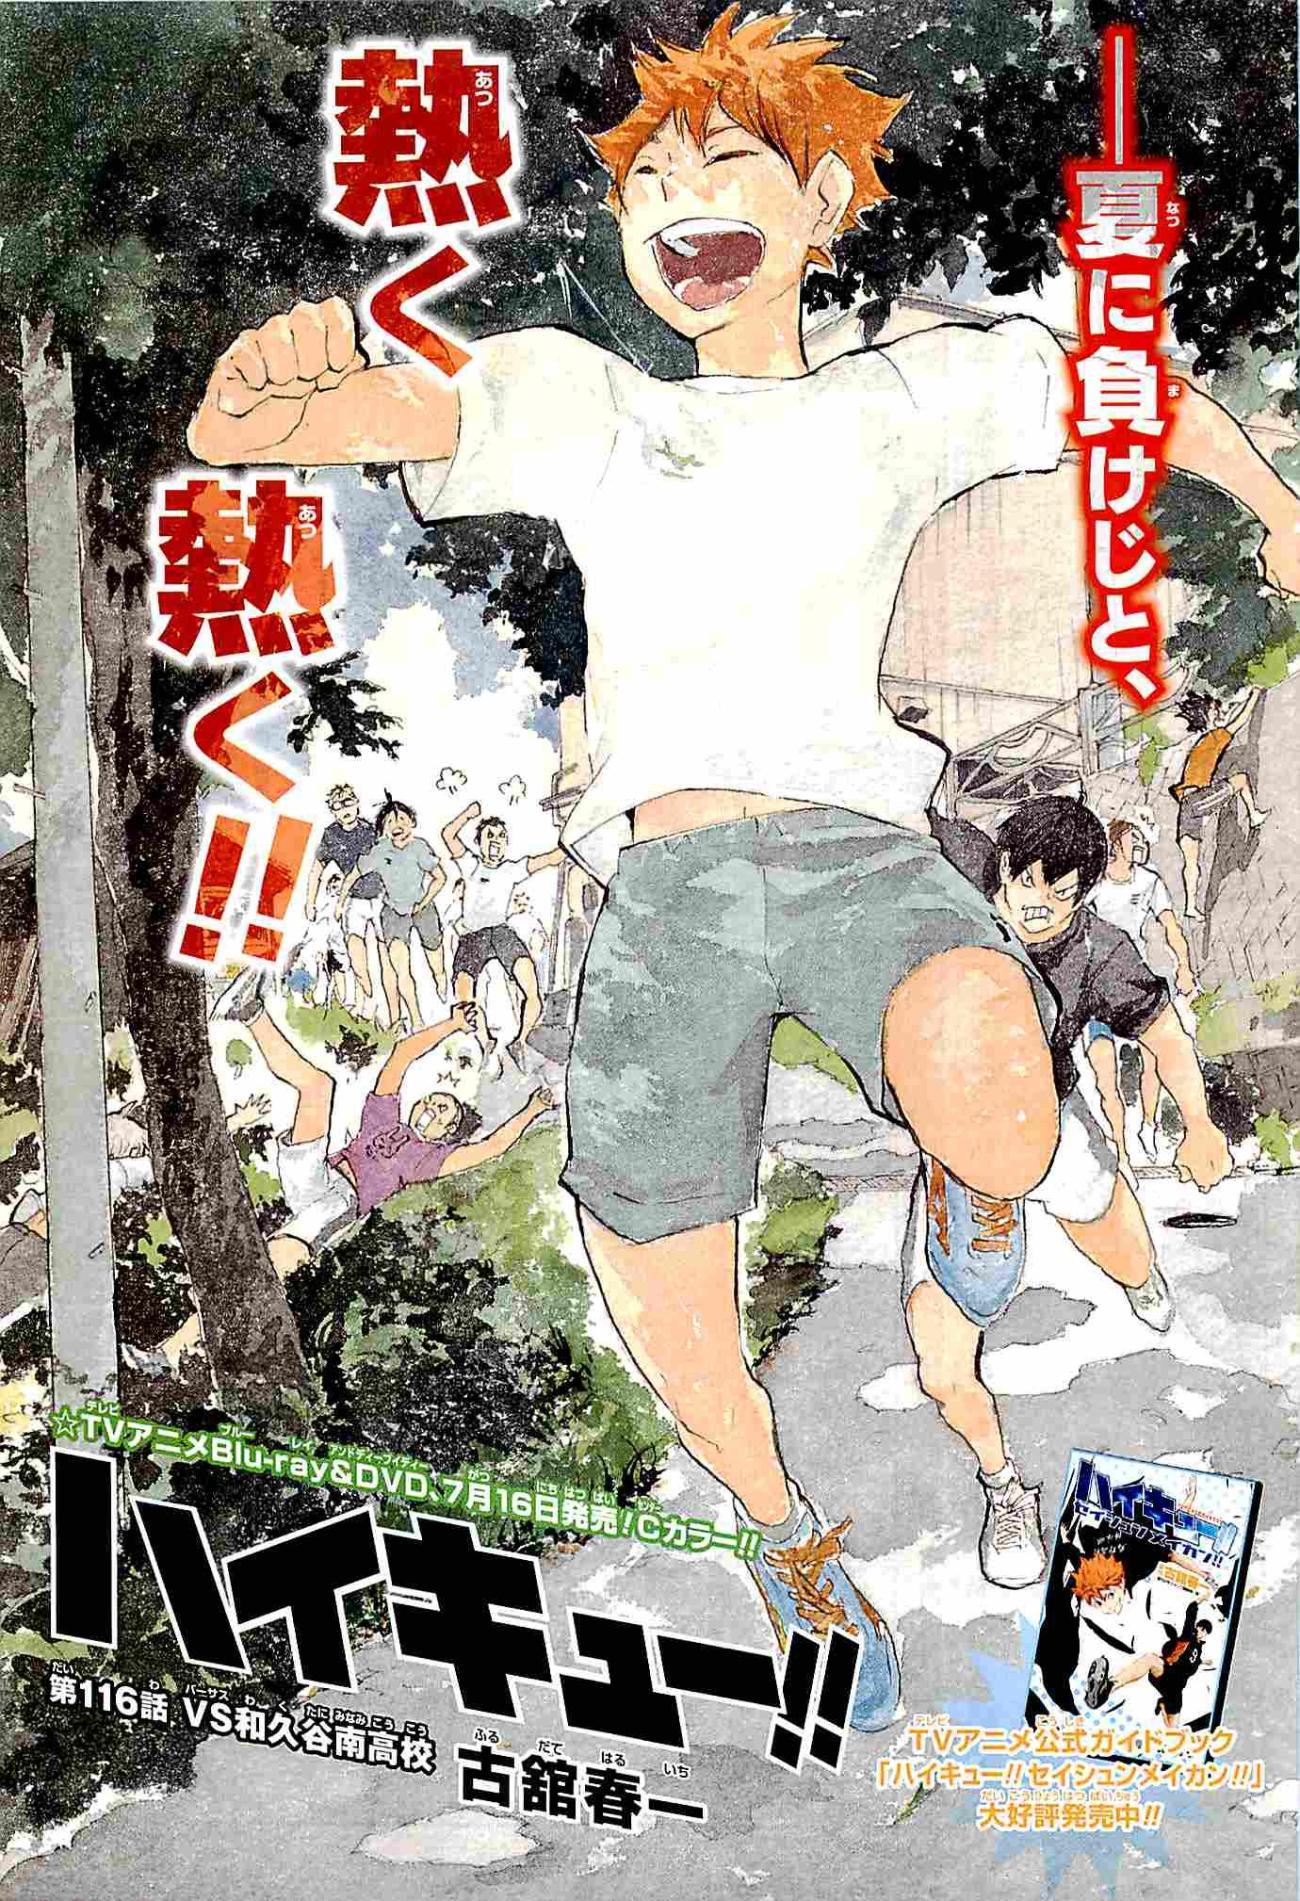 Haikyû Weekly Shonen Jump 2014 #32